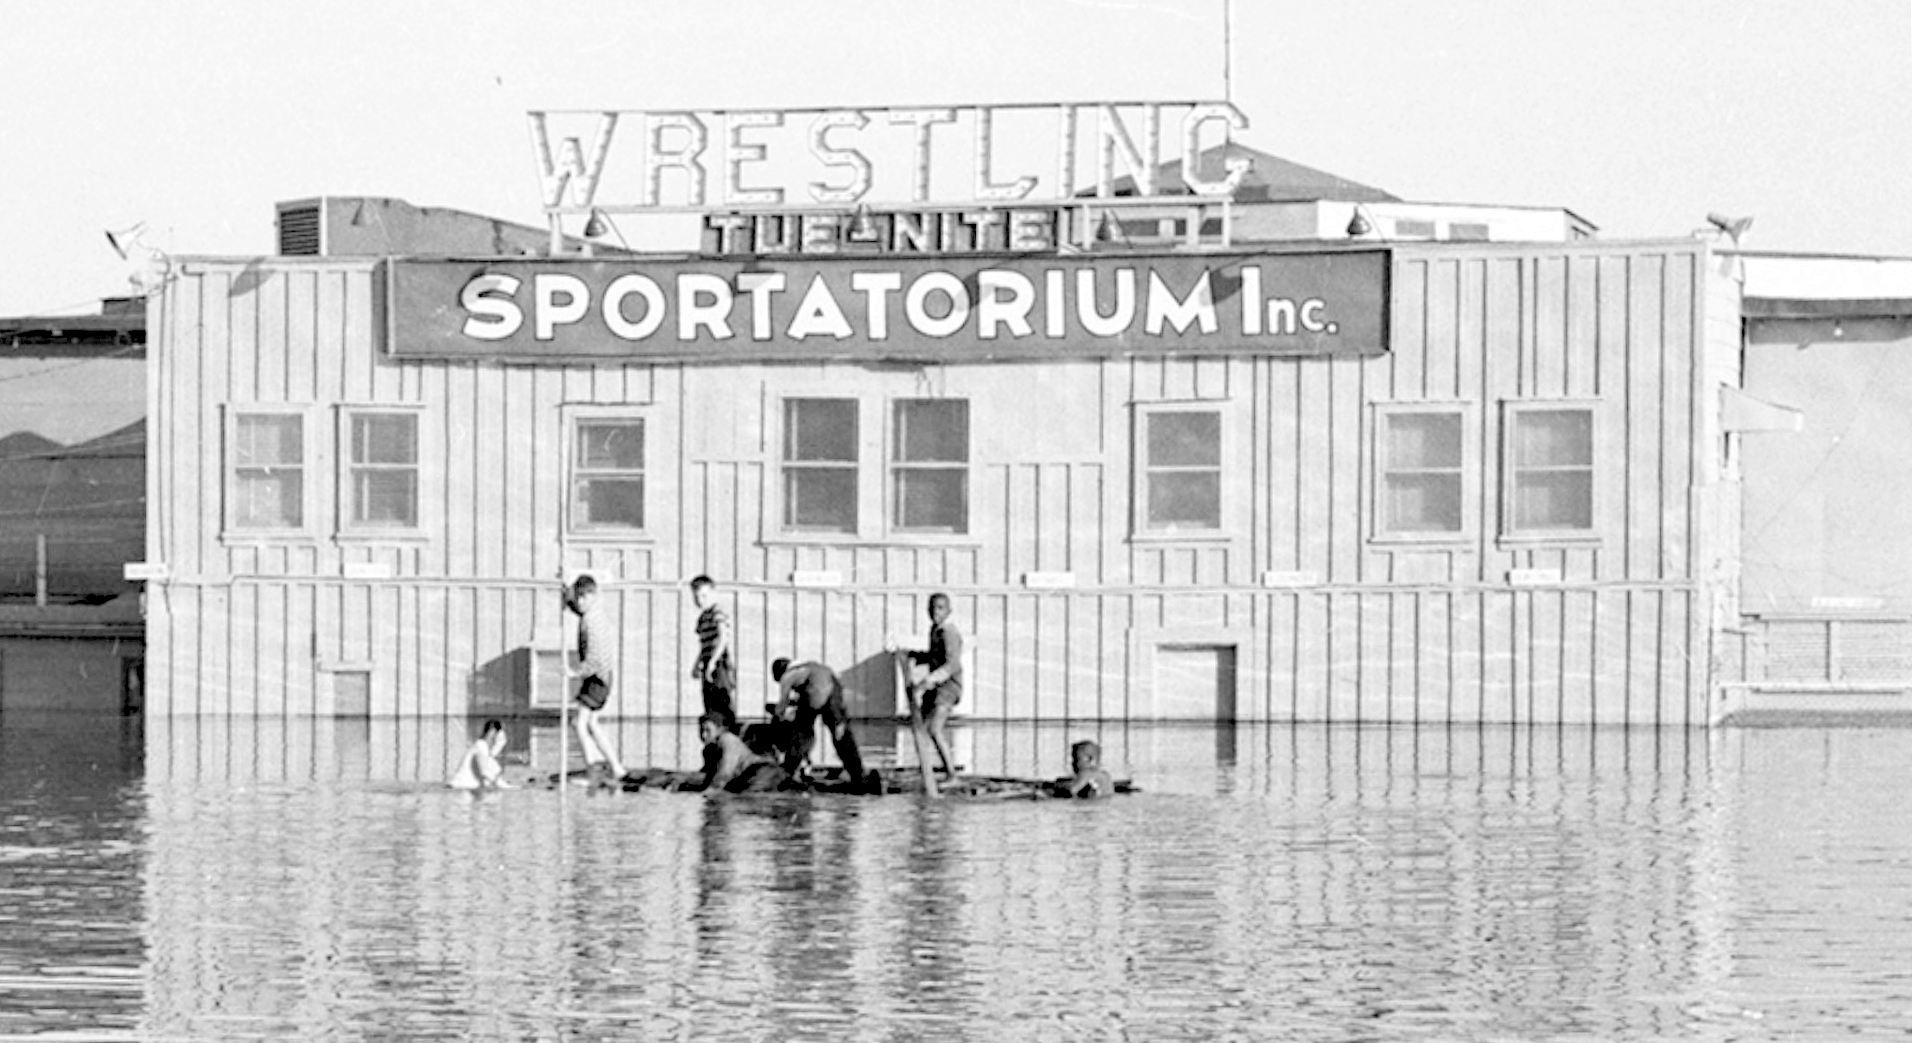 sportatorium_flood_squire-haskins_UTA_boys-1_det